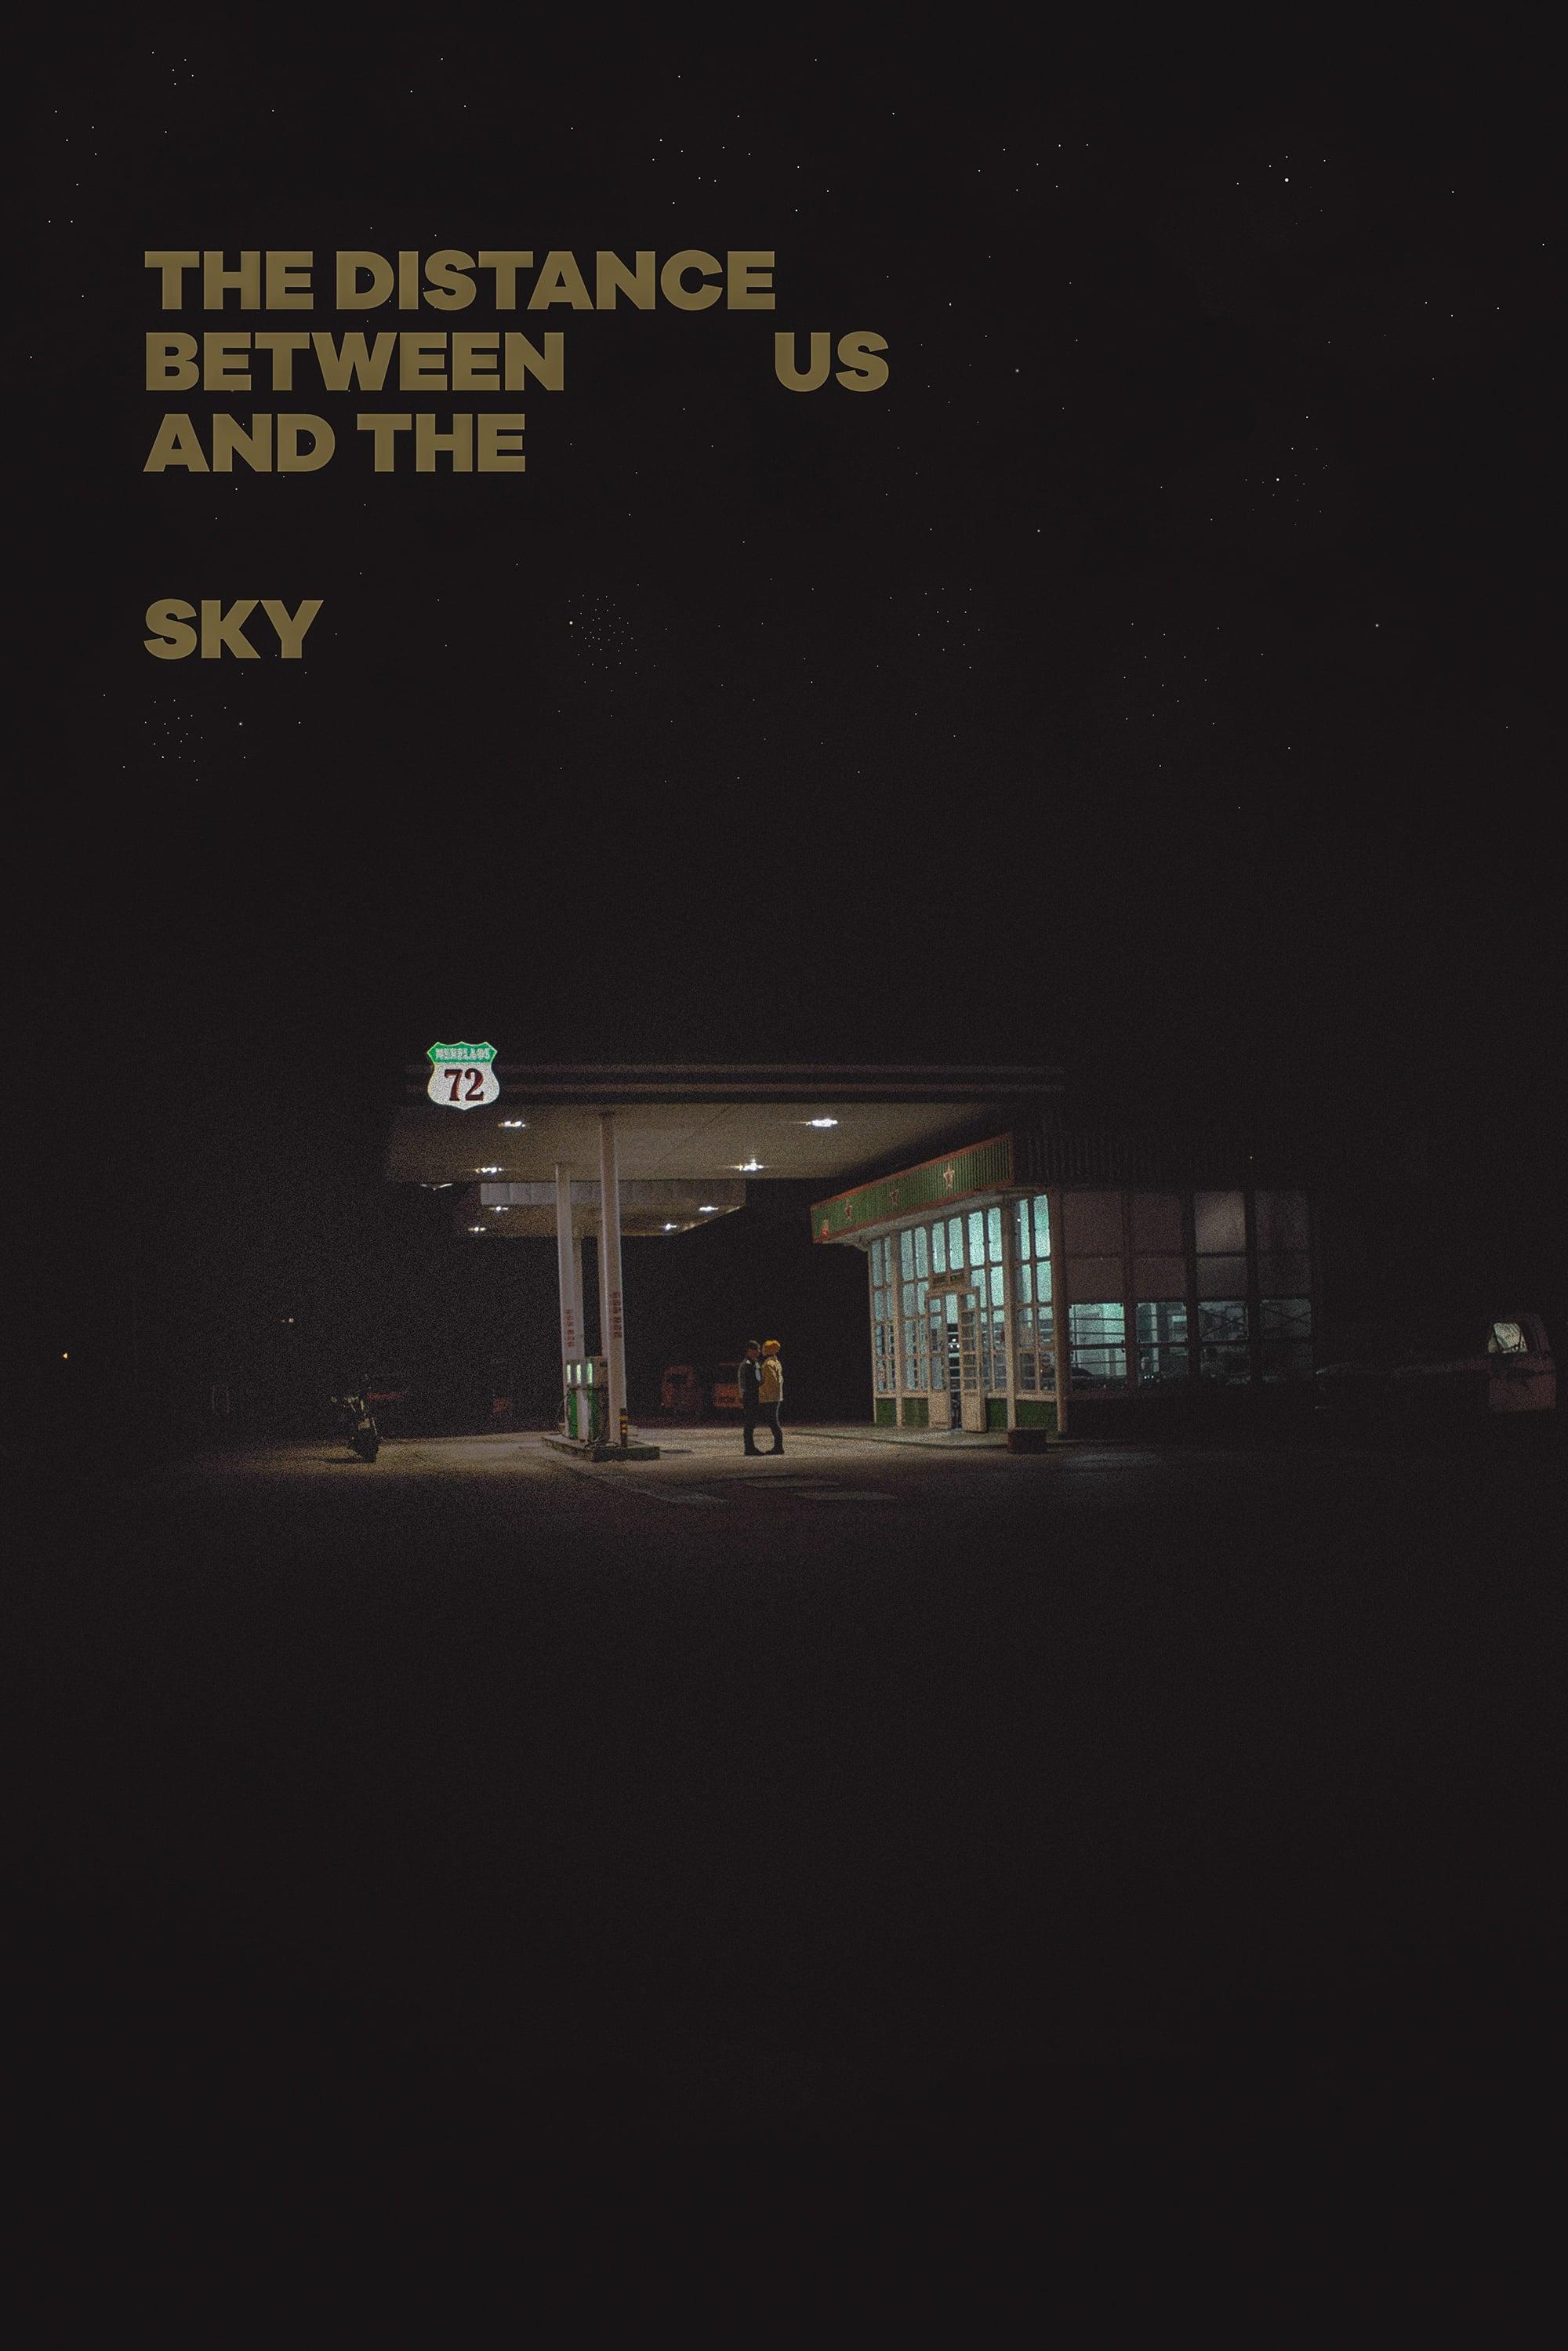 La distancia entre nosotros y el cielo